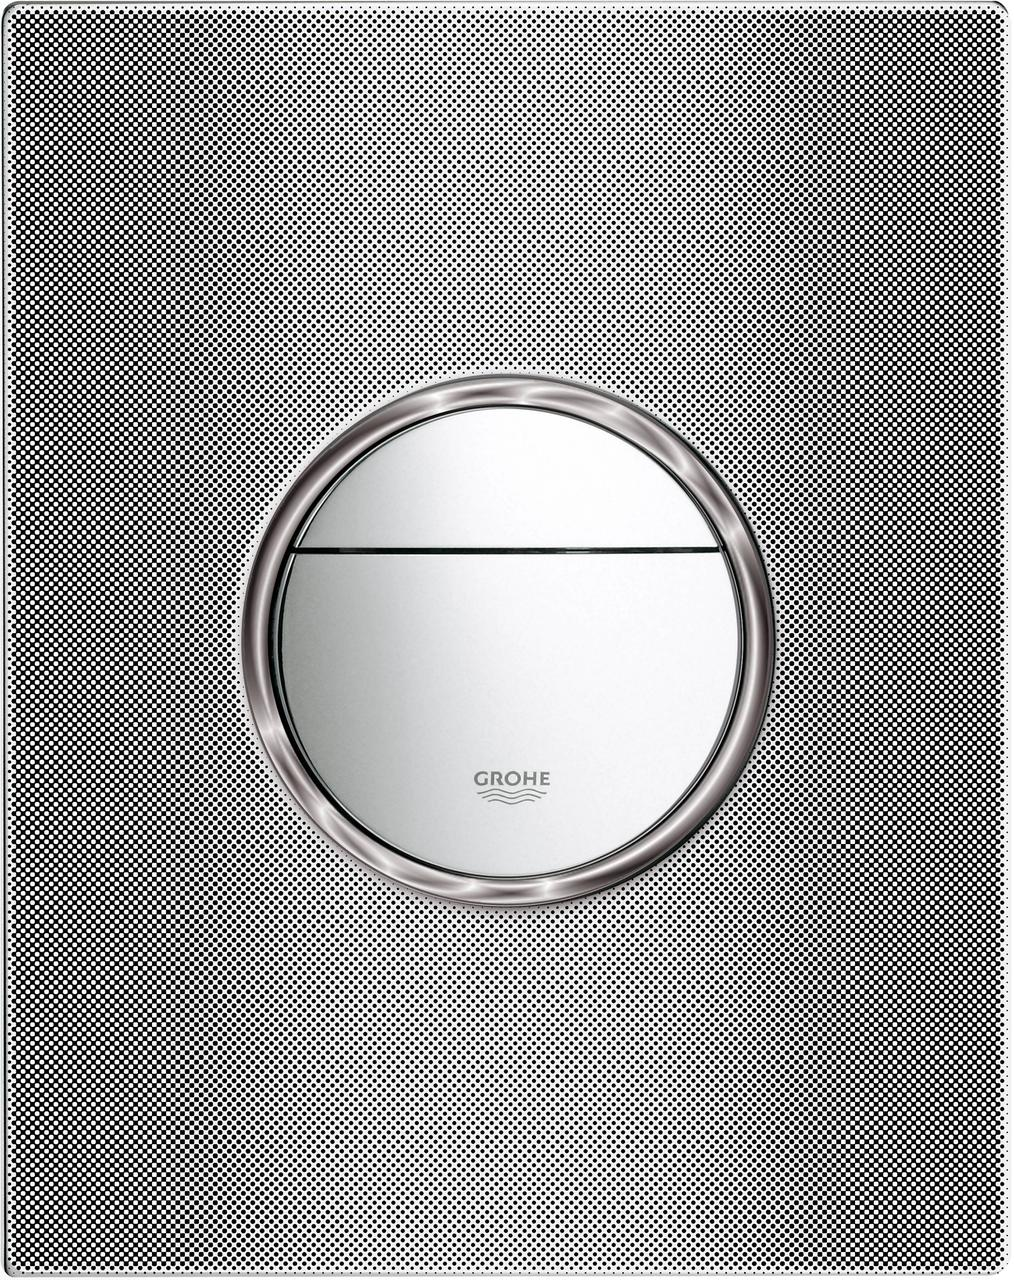 Панель смыва для унитаза GROHE Nova Cosmopolitan Print (3 режима смыва), хром/черная графика (38847XG0) - фото 3